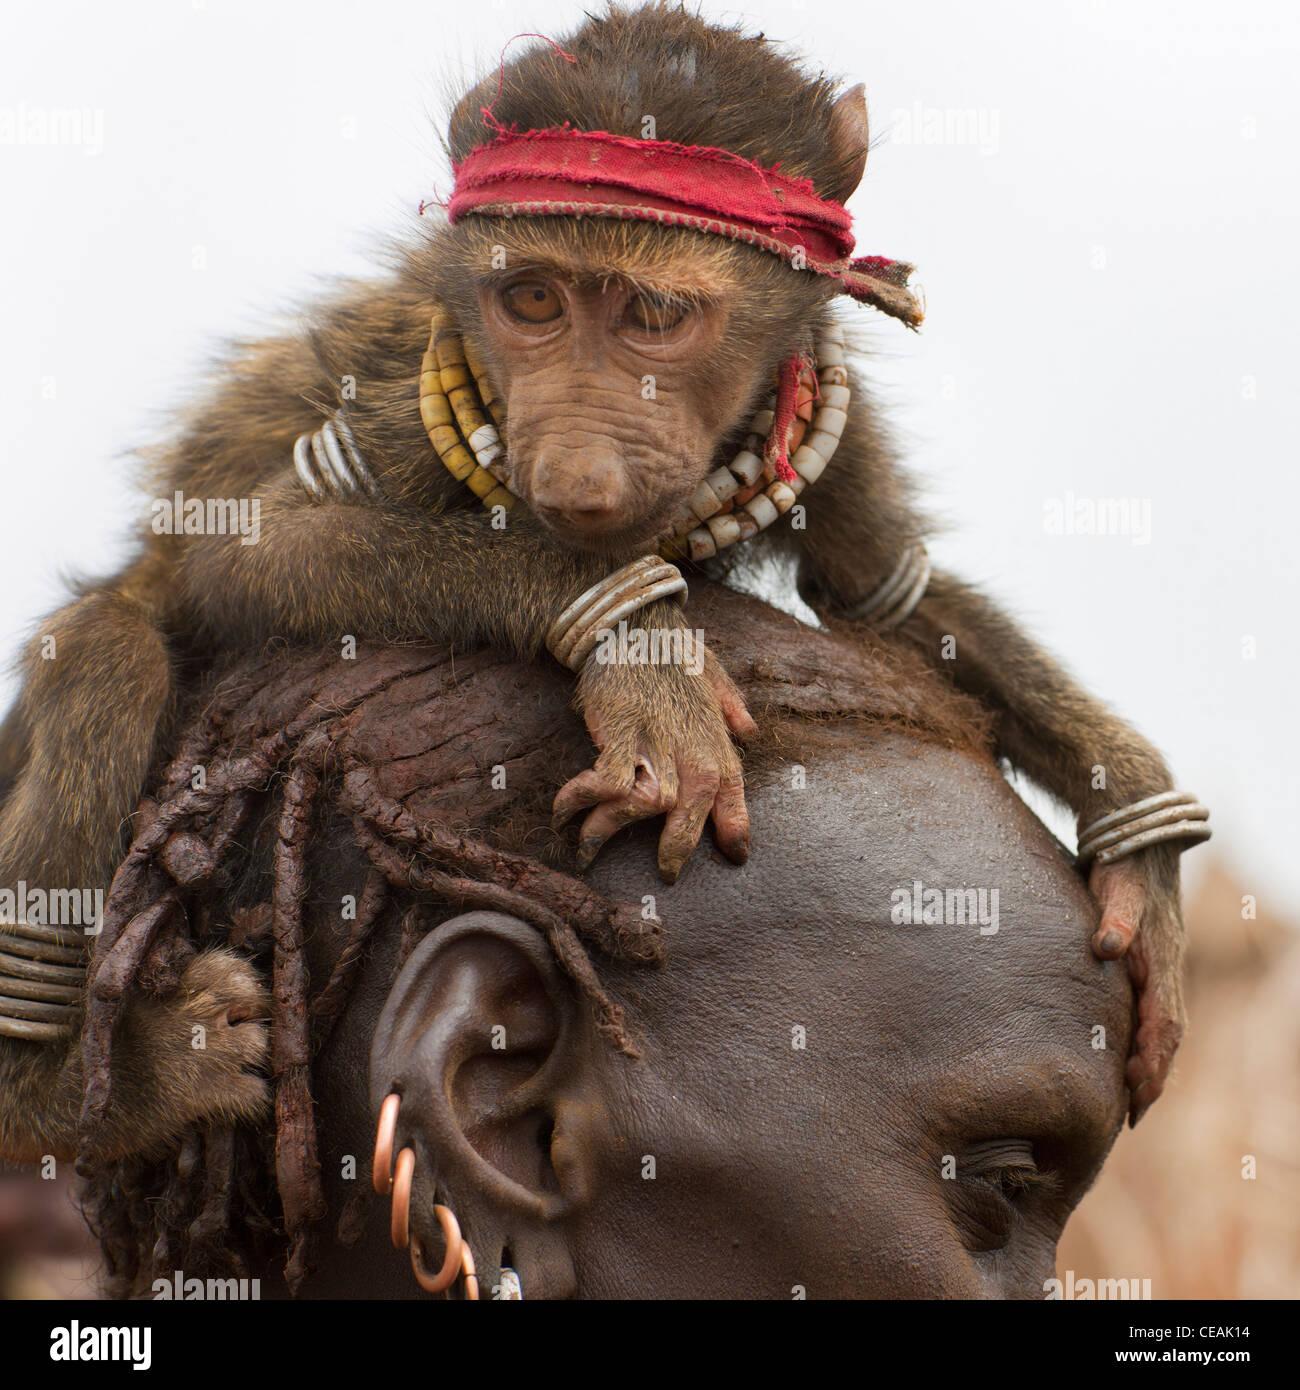 Monkey Pet Stockfotos Monkey Pet Bilder Alamy